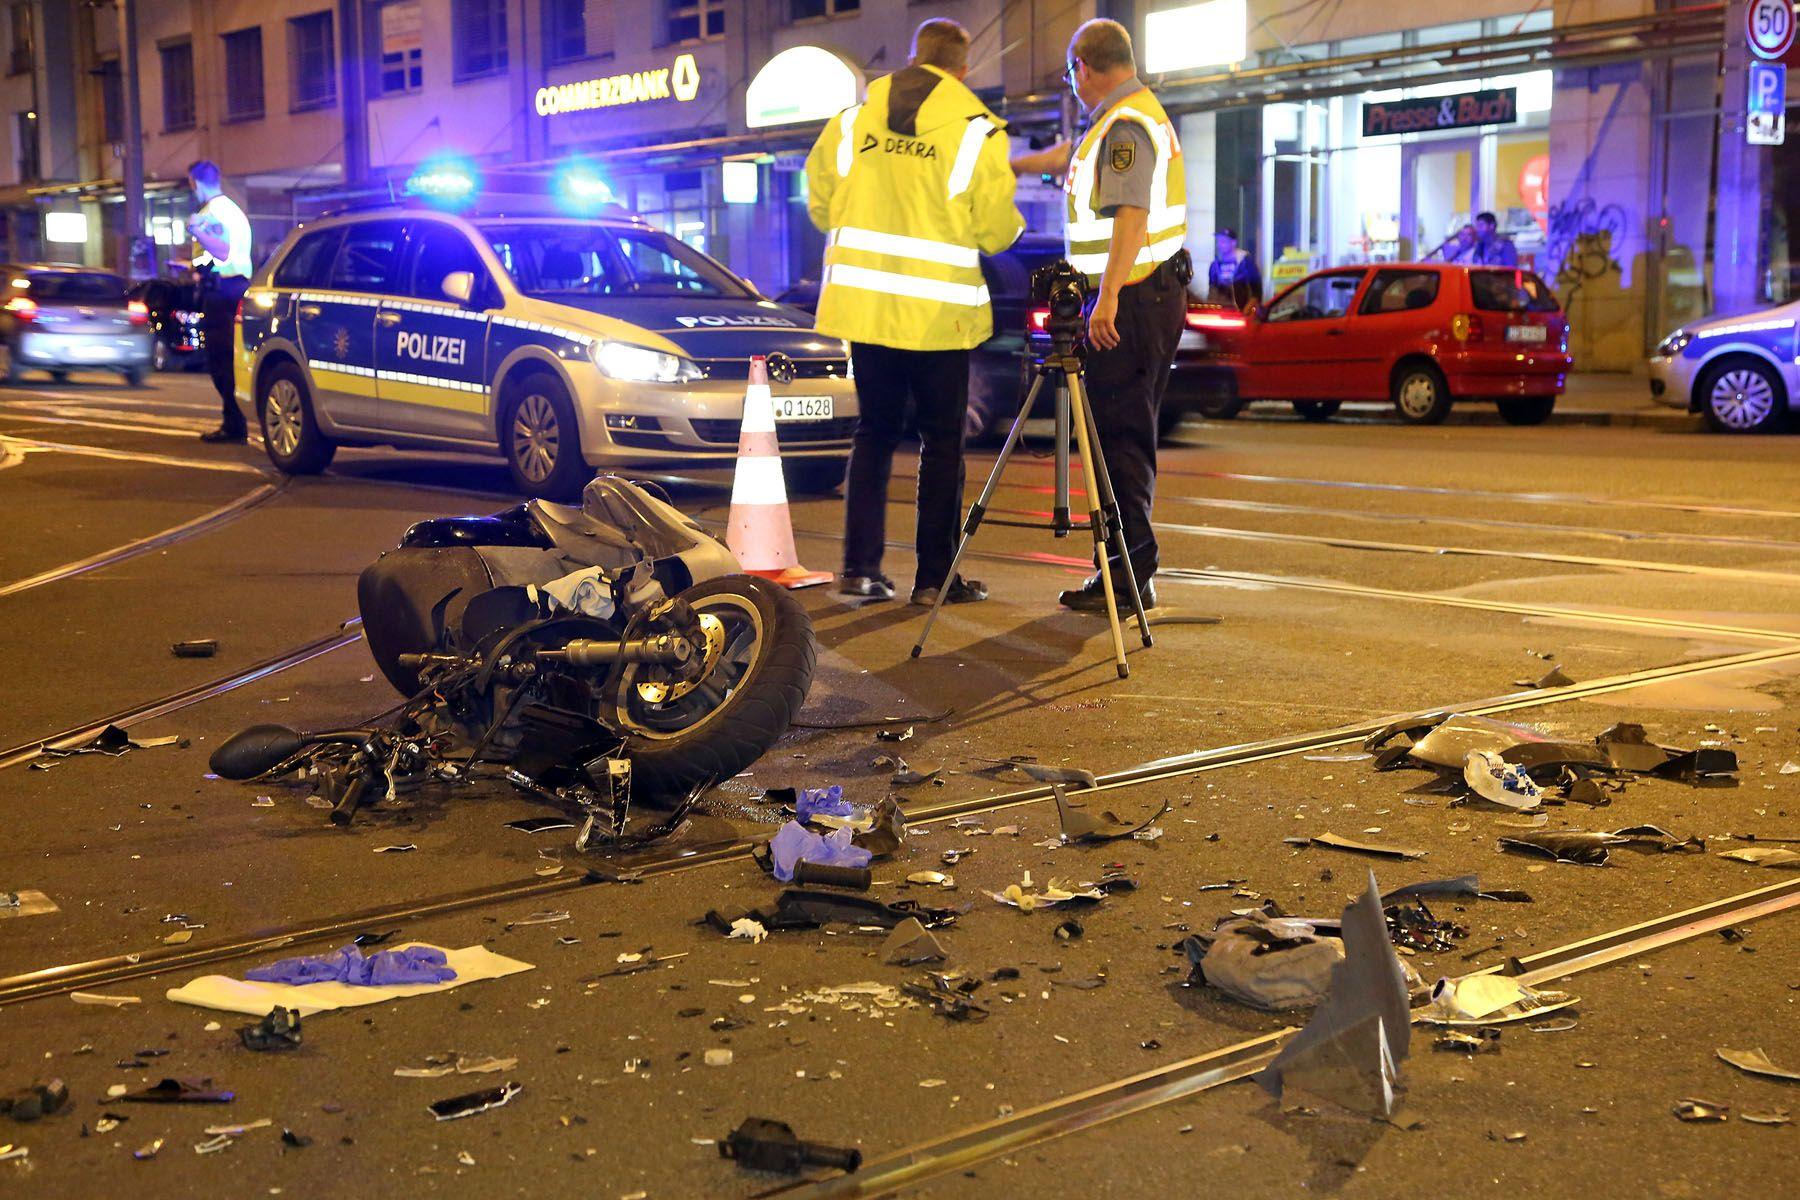 Die Polizei hat die Unfallermittlungen aufgenommen.